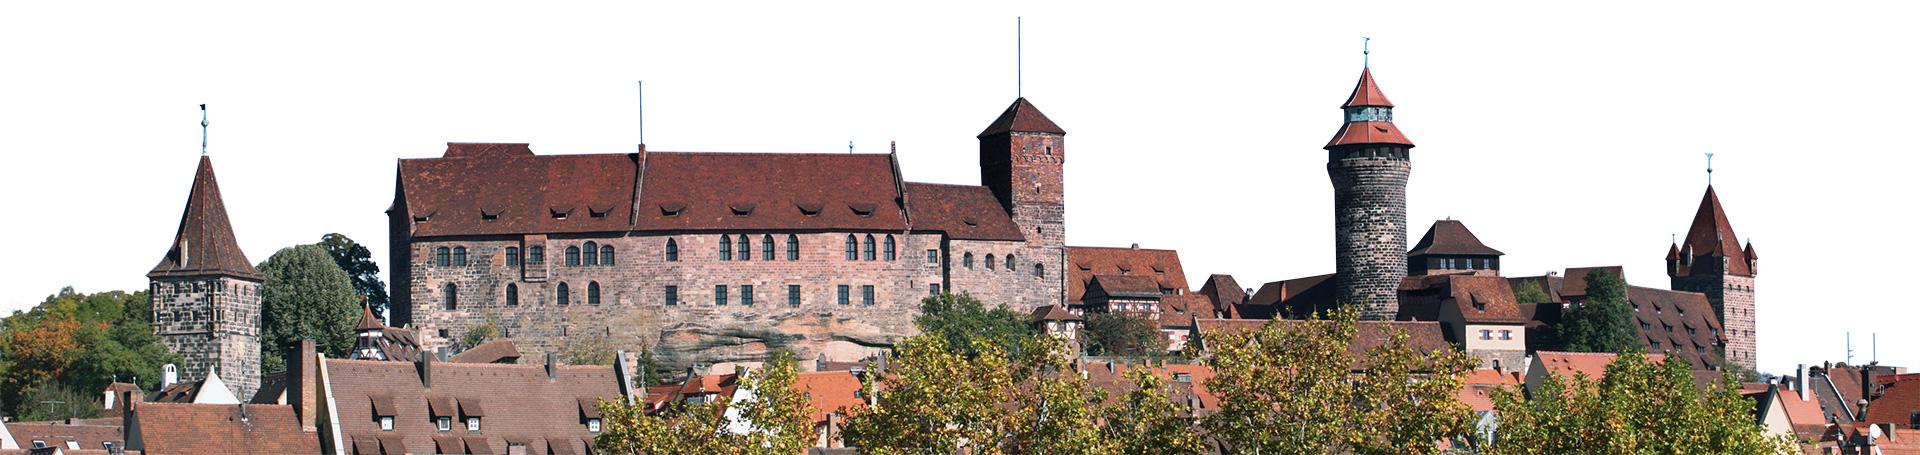 Panorama Nuenberger Burg Kaiserburg